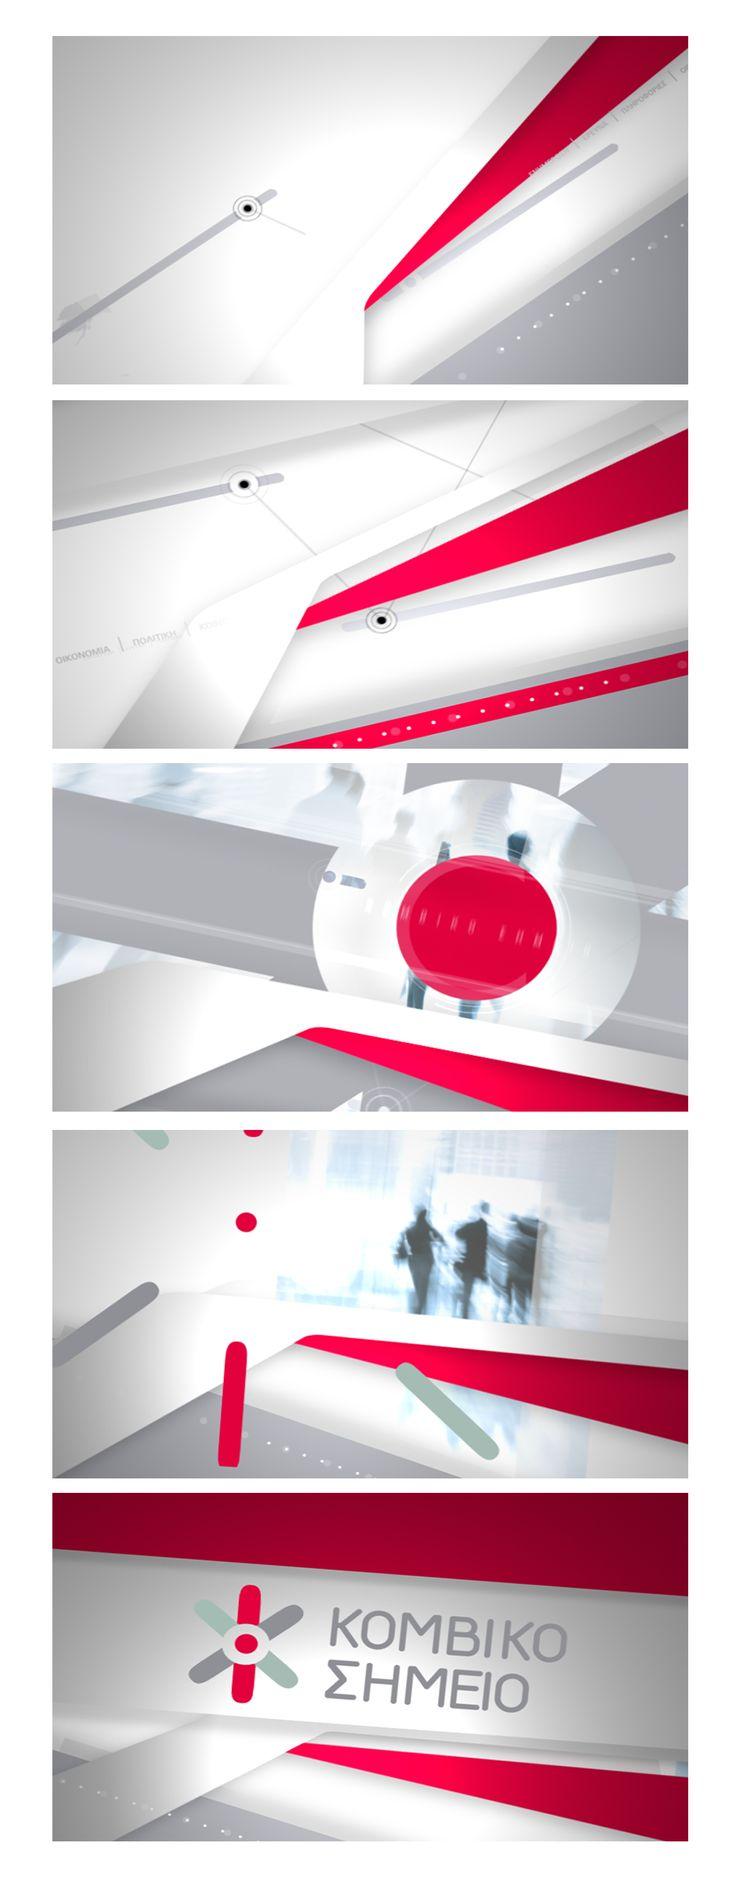 opener kombiko shmeio motion graphics pinterest